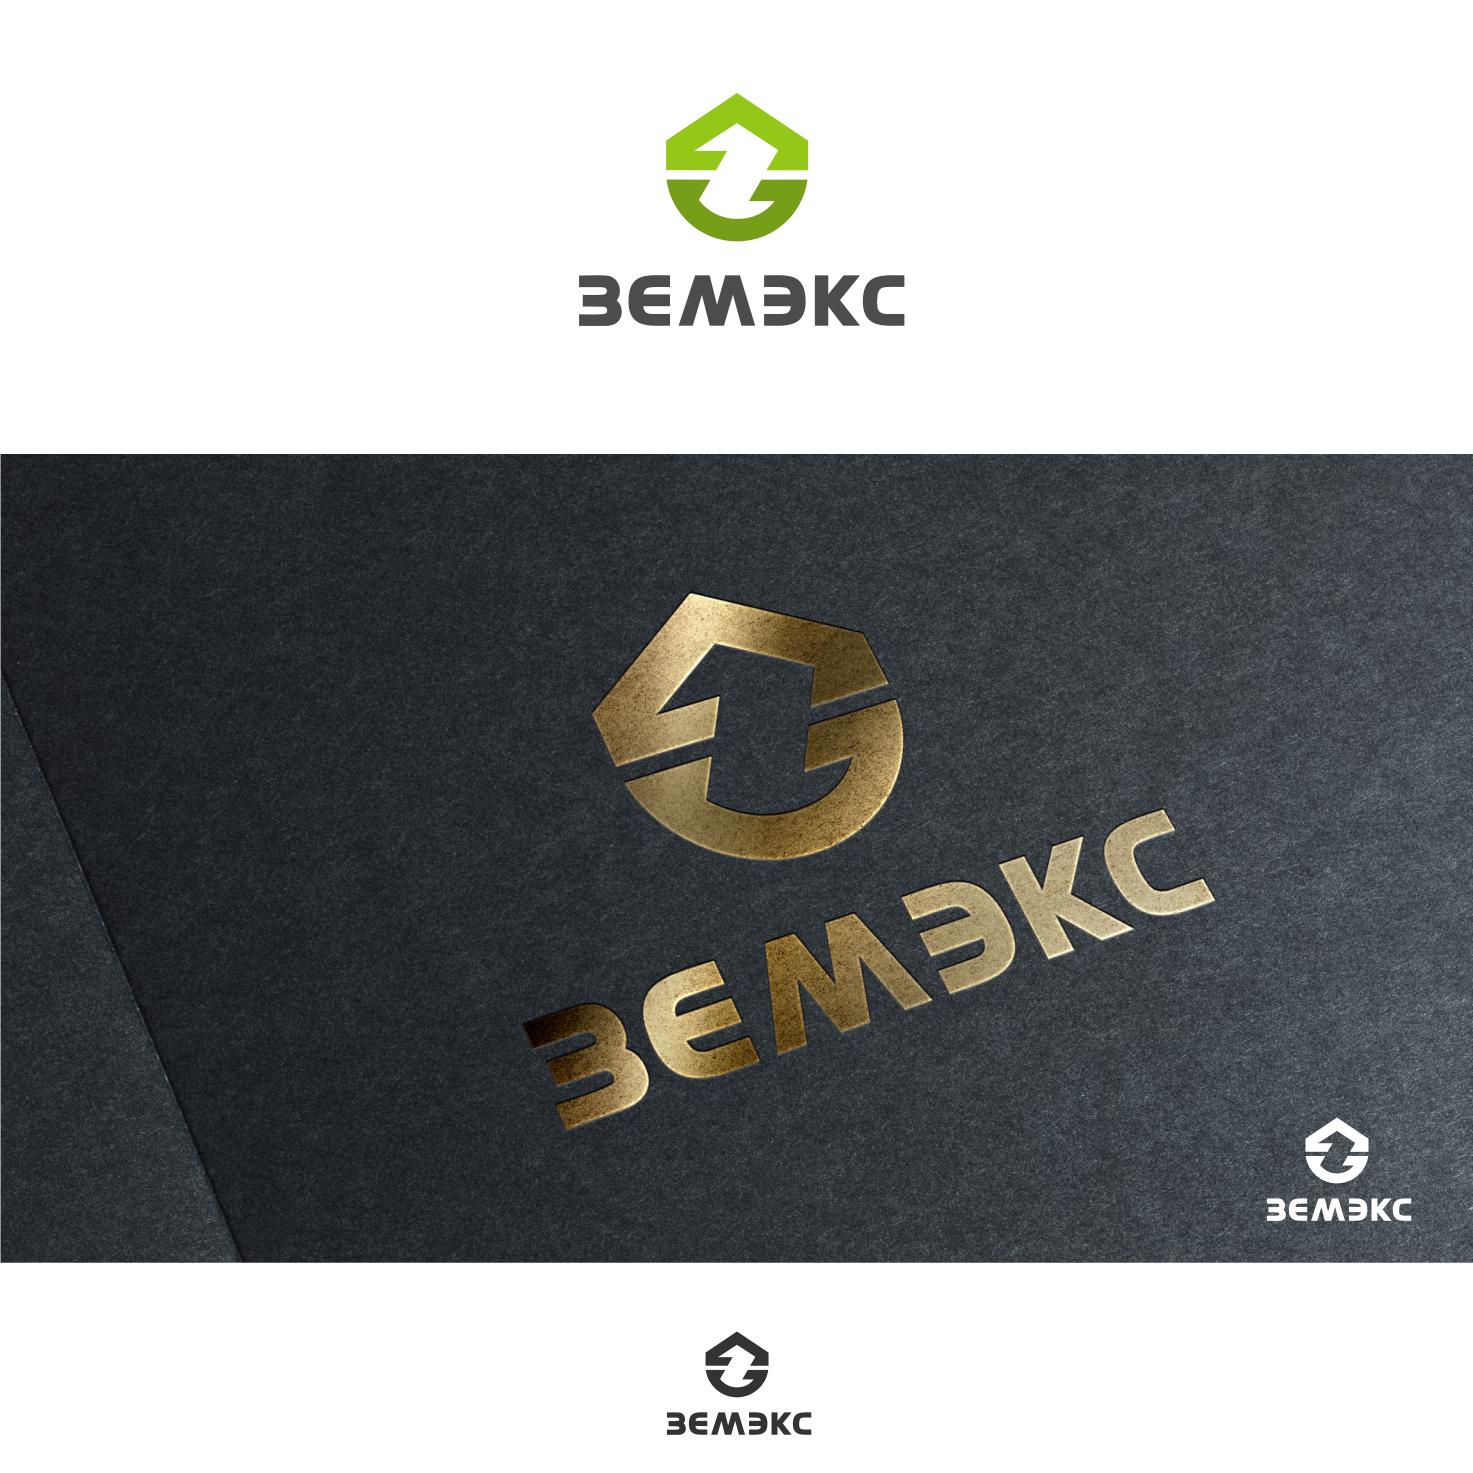 Создание логотипа и фирменного стиля фото f_16159e6ed6f53045.png